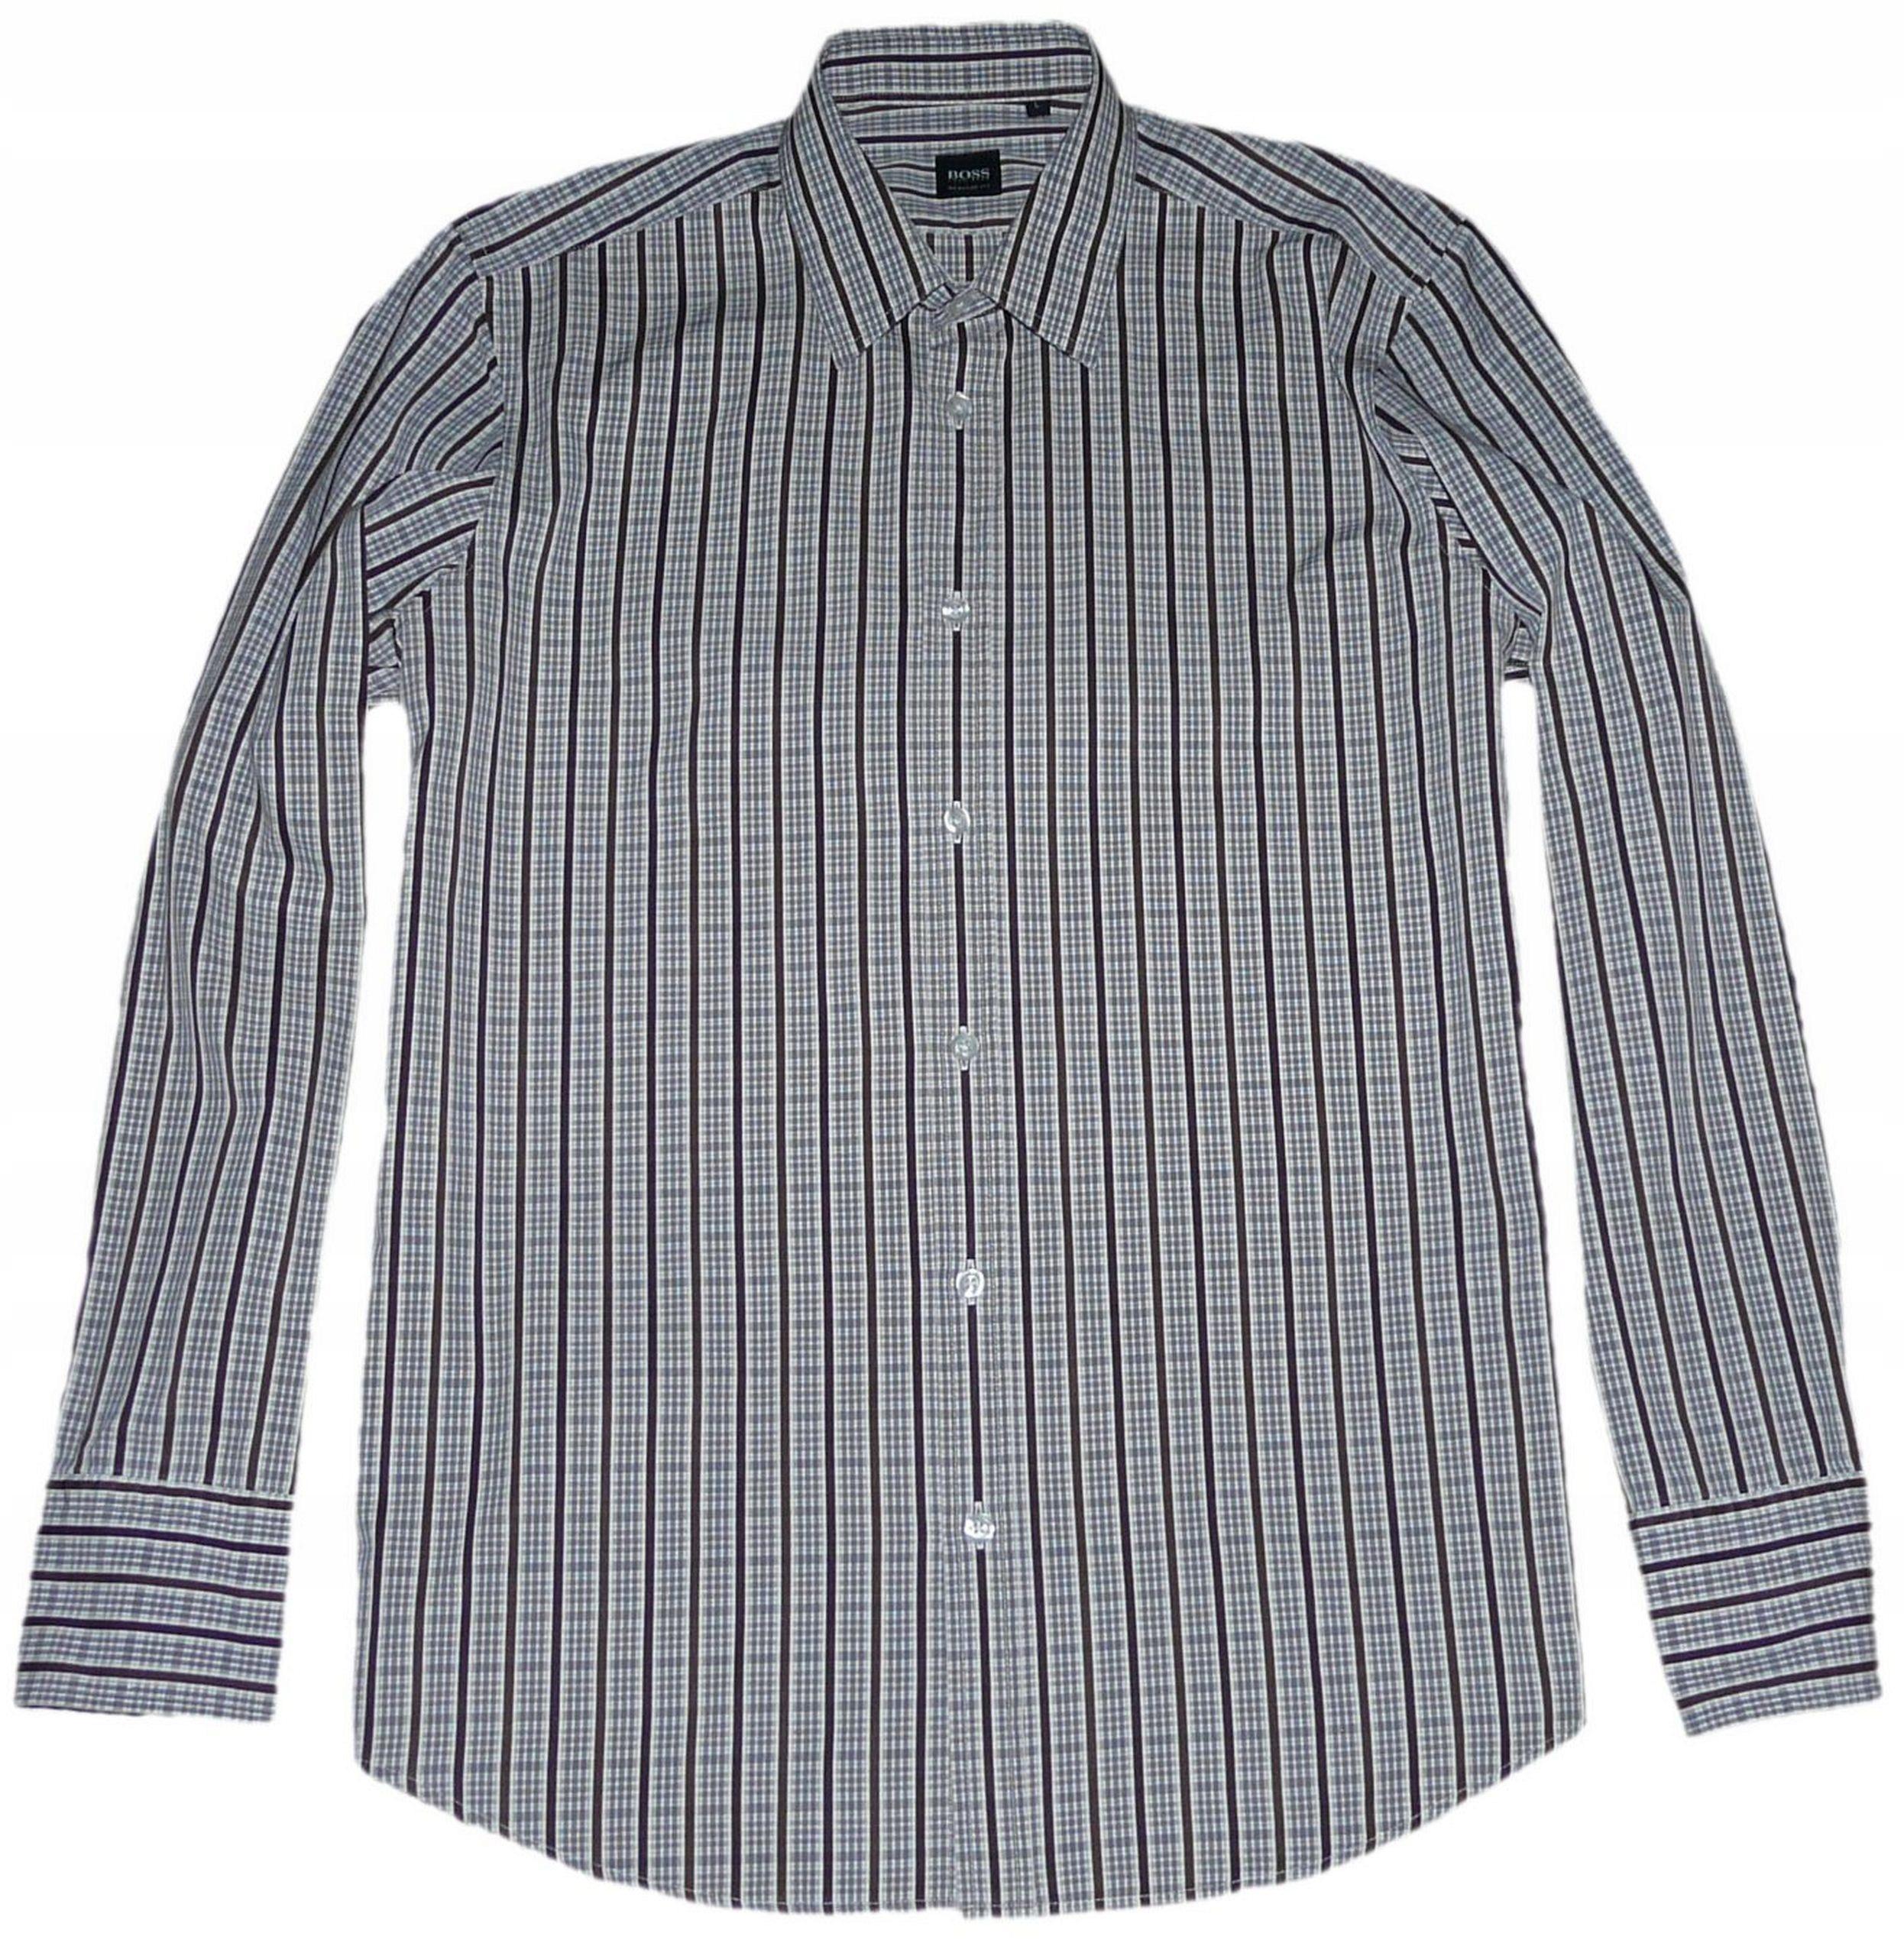 HUGO BOSS koszula męska REGULAR L krata pasy